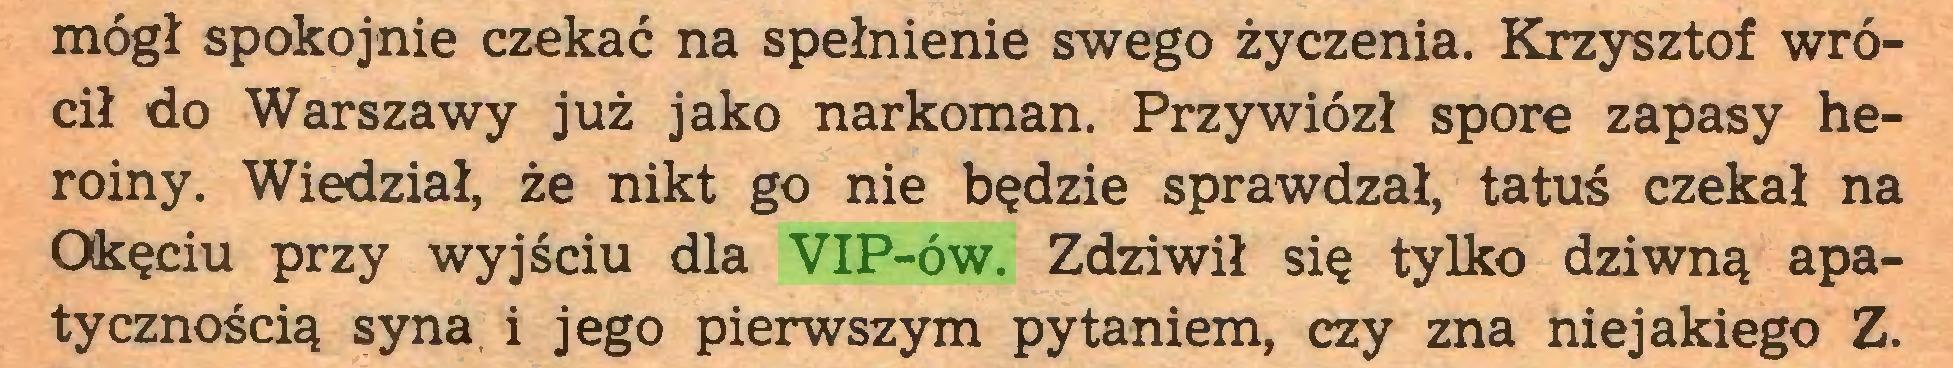 (...) mógł spokojnie czekać na spełnienie swego życzenia. Krzysztof wrócił do Warszawy już jako narkoman. Przywiózł spore zapasy heroiny. Wiedział, że nikt go nie będzie sprawdzał, tatuś czekał na Okęciu przy wyjściu dla VIP-ów. Zdziwił się tylko dziwną apatycznością syna i jego pierwszym pytaniem, czy zna niejakiego Z...